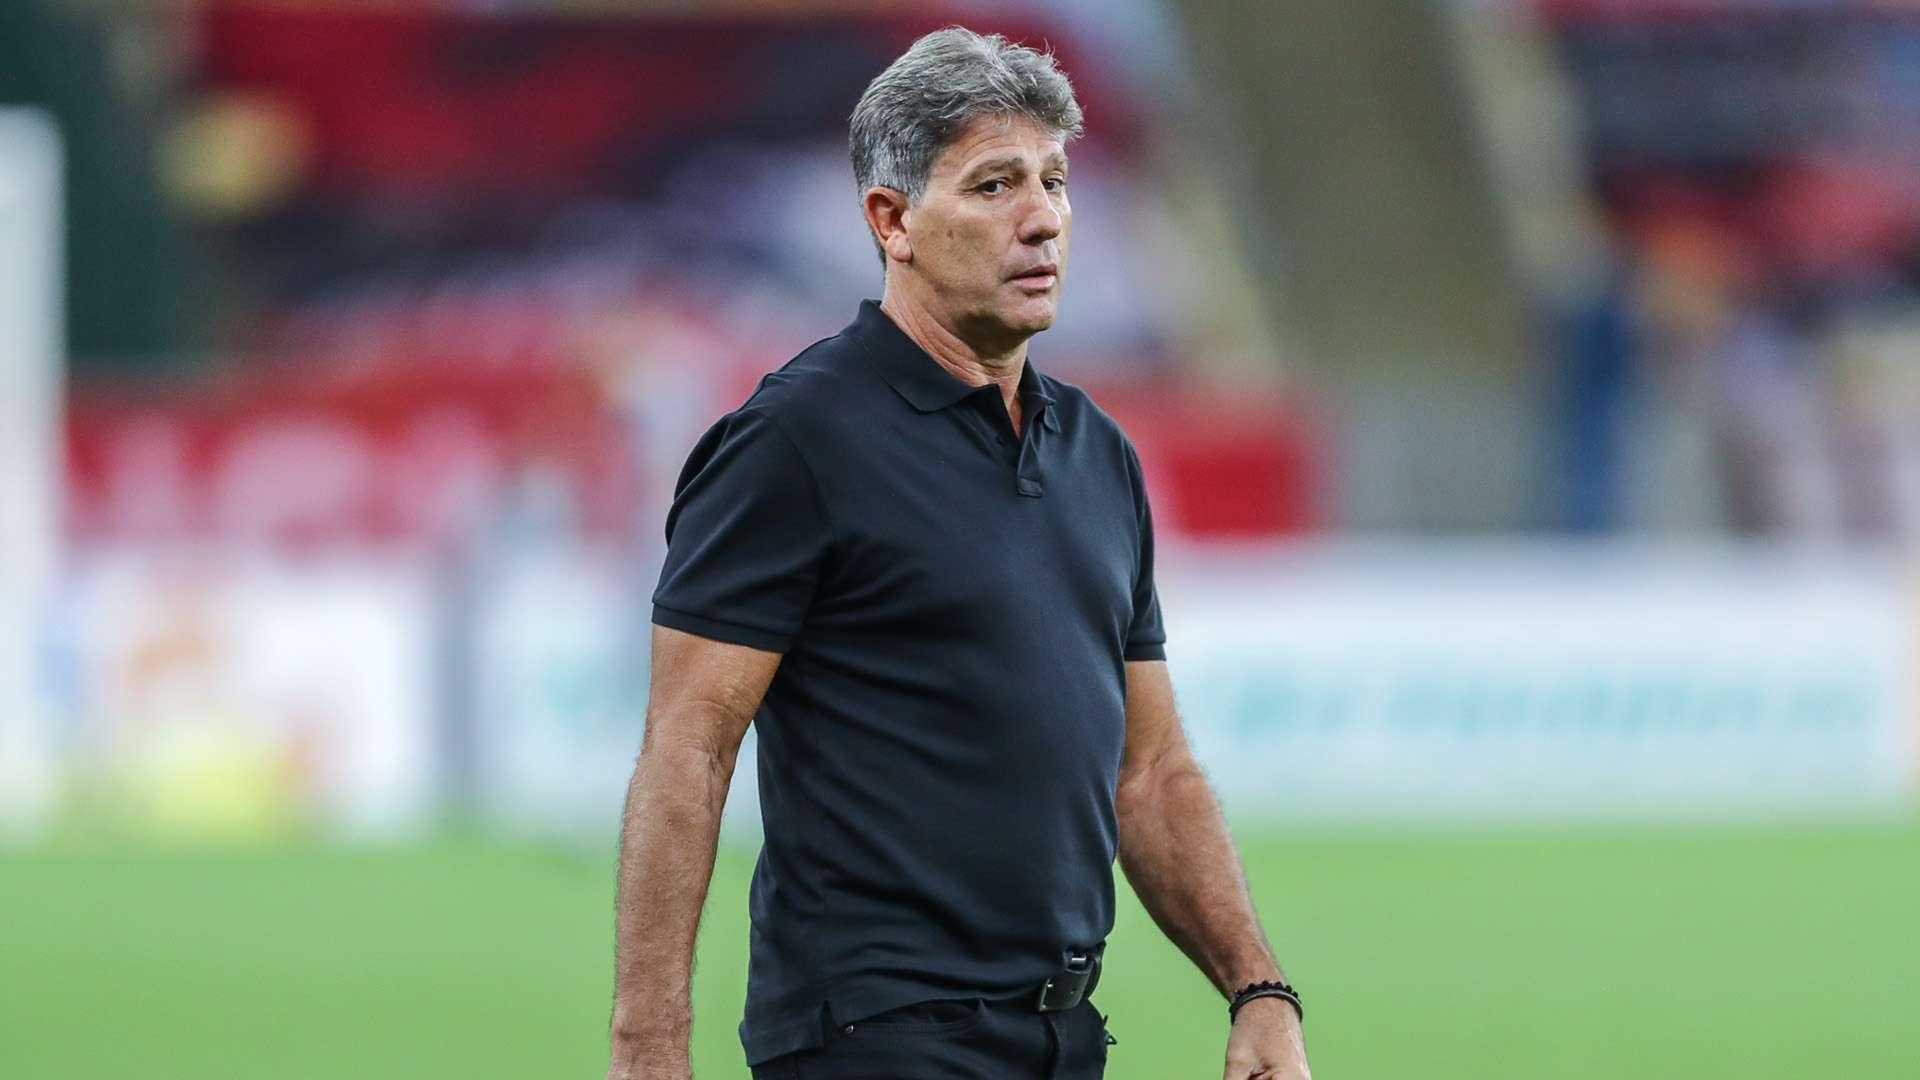 Derrota do Flamengo para o Grêmio vai 90 na conta do Renato, afirma Mauro Cezar